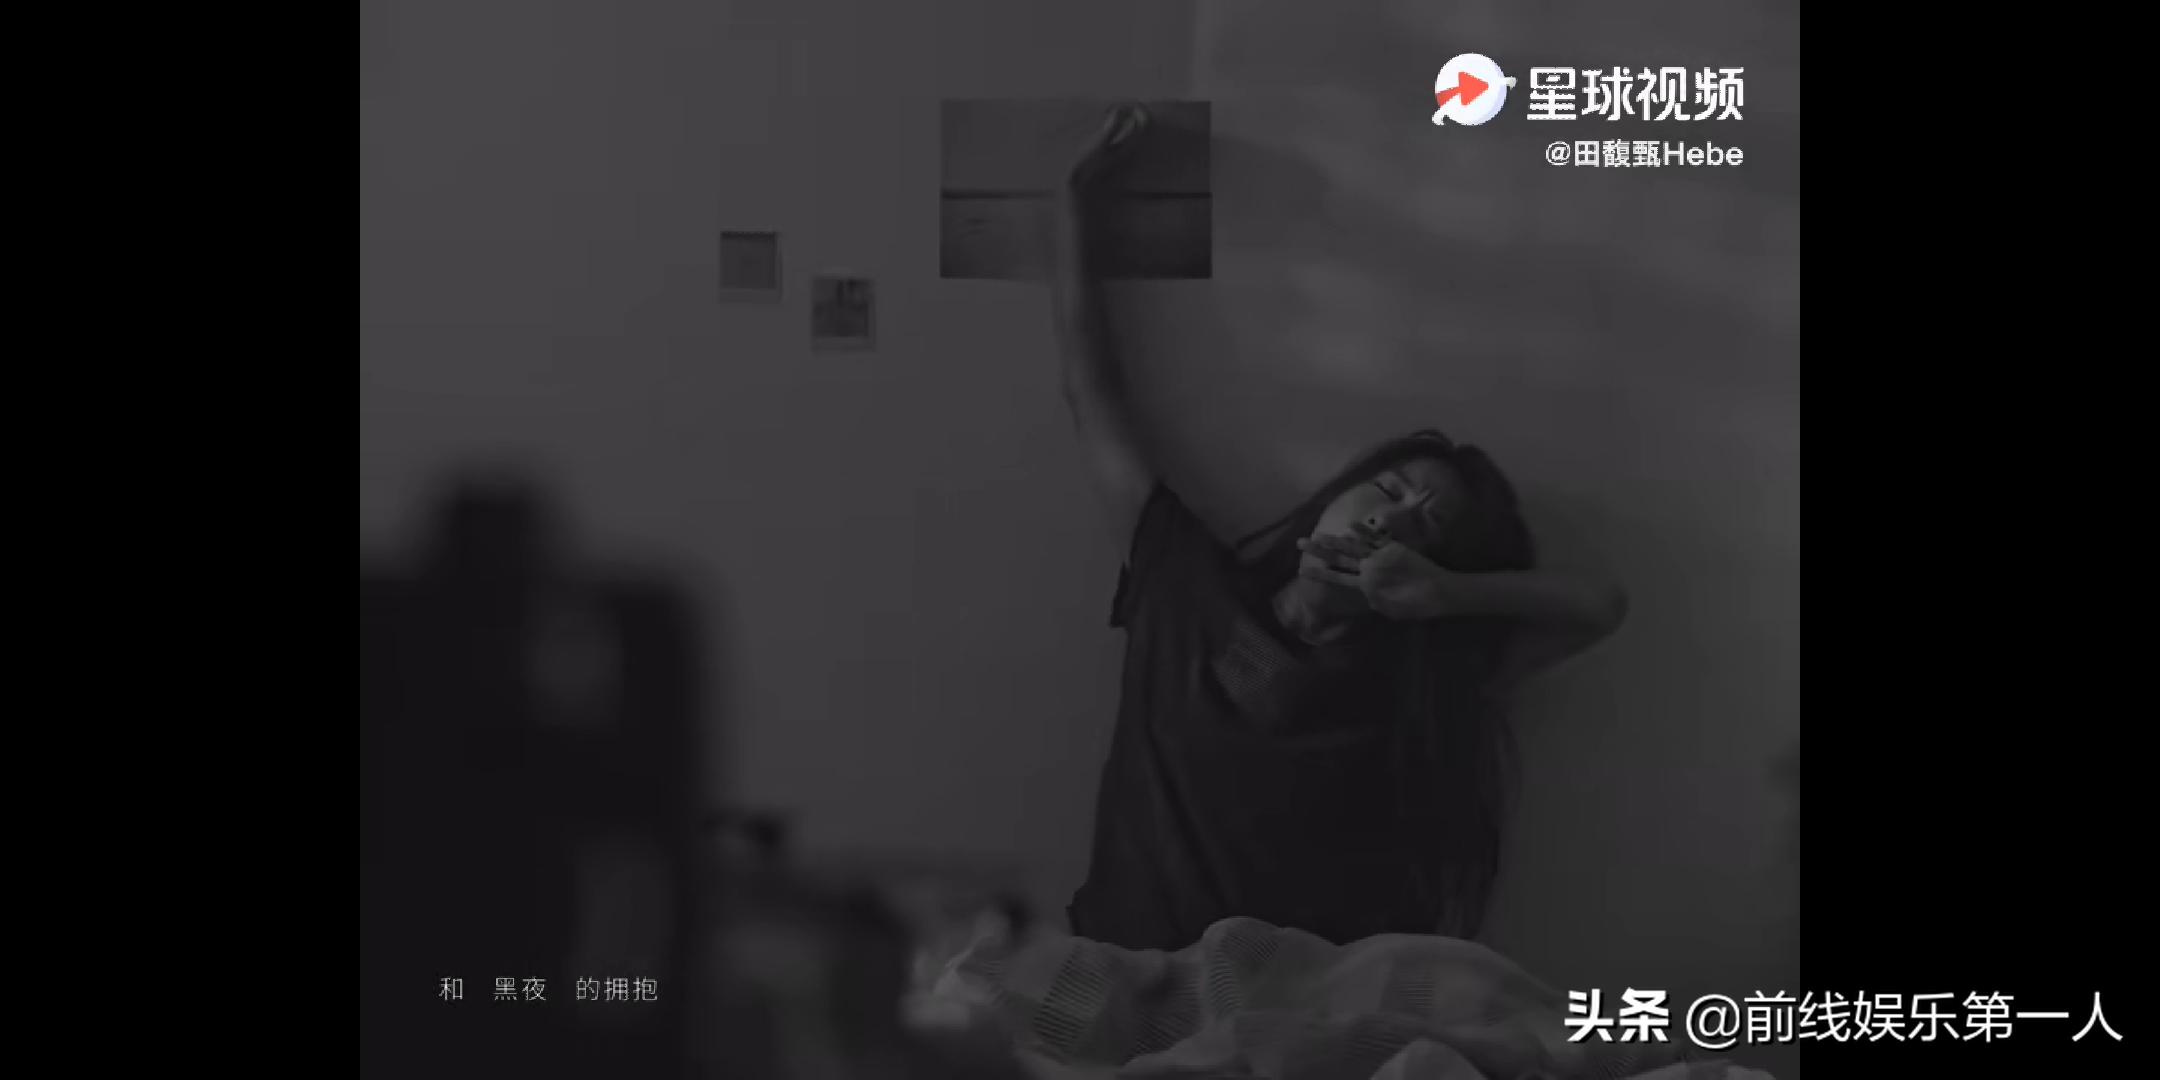 田馥甄,明明是个女神,却一直被喊哥哥?无人知晓哦!